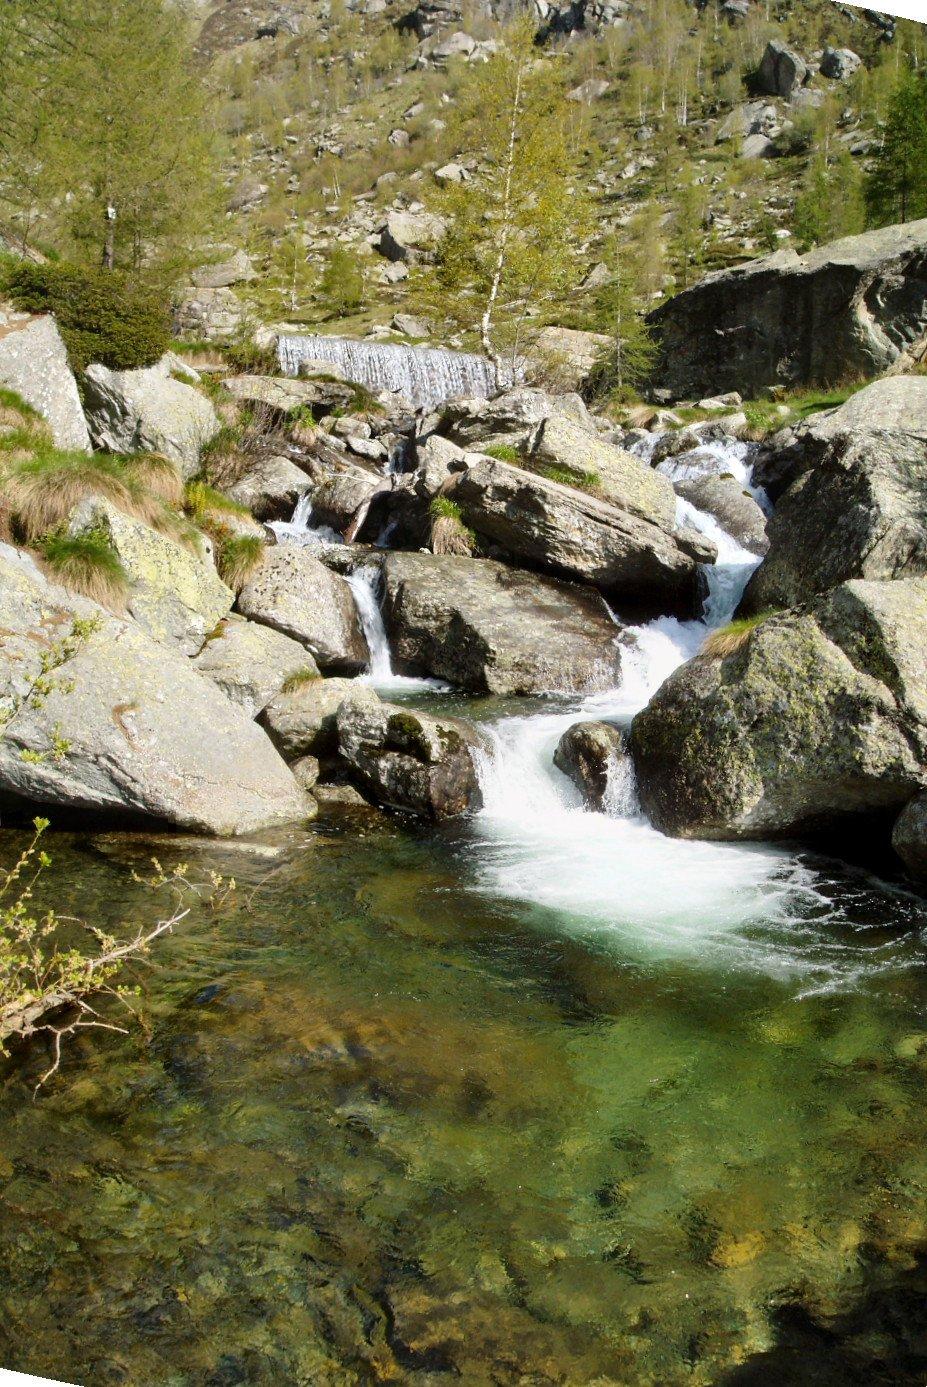 Rio Camb rella